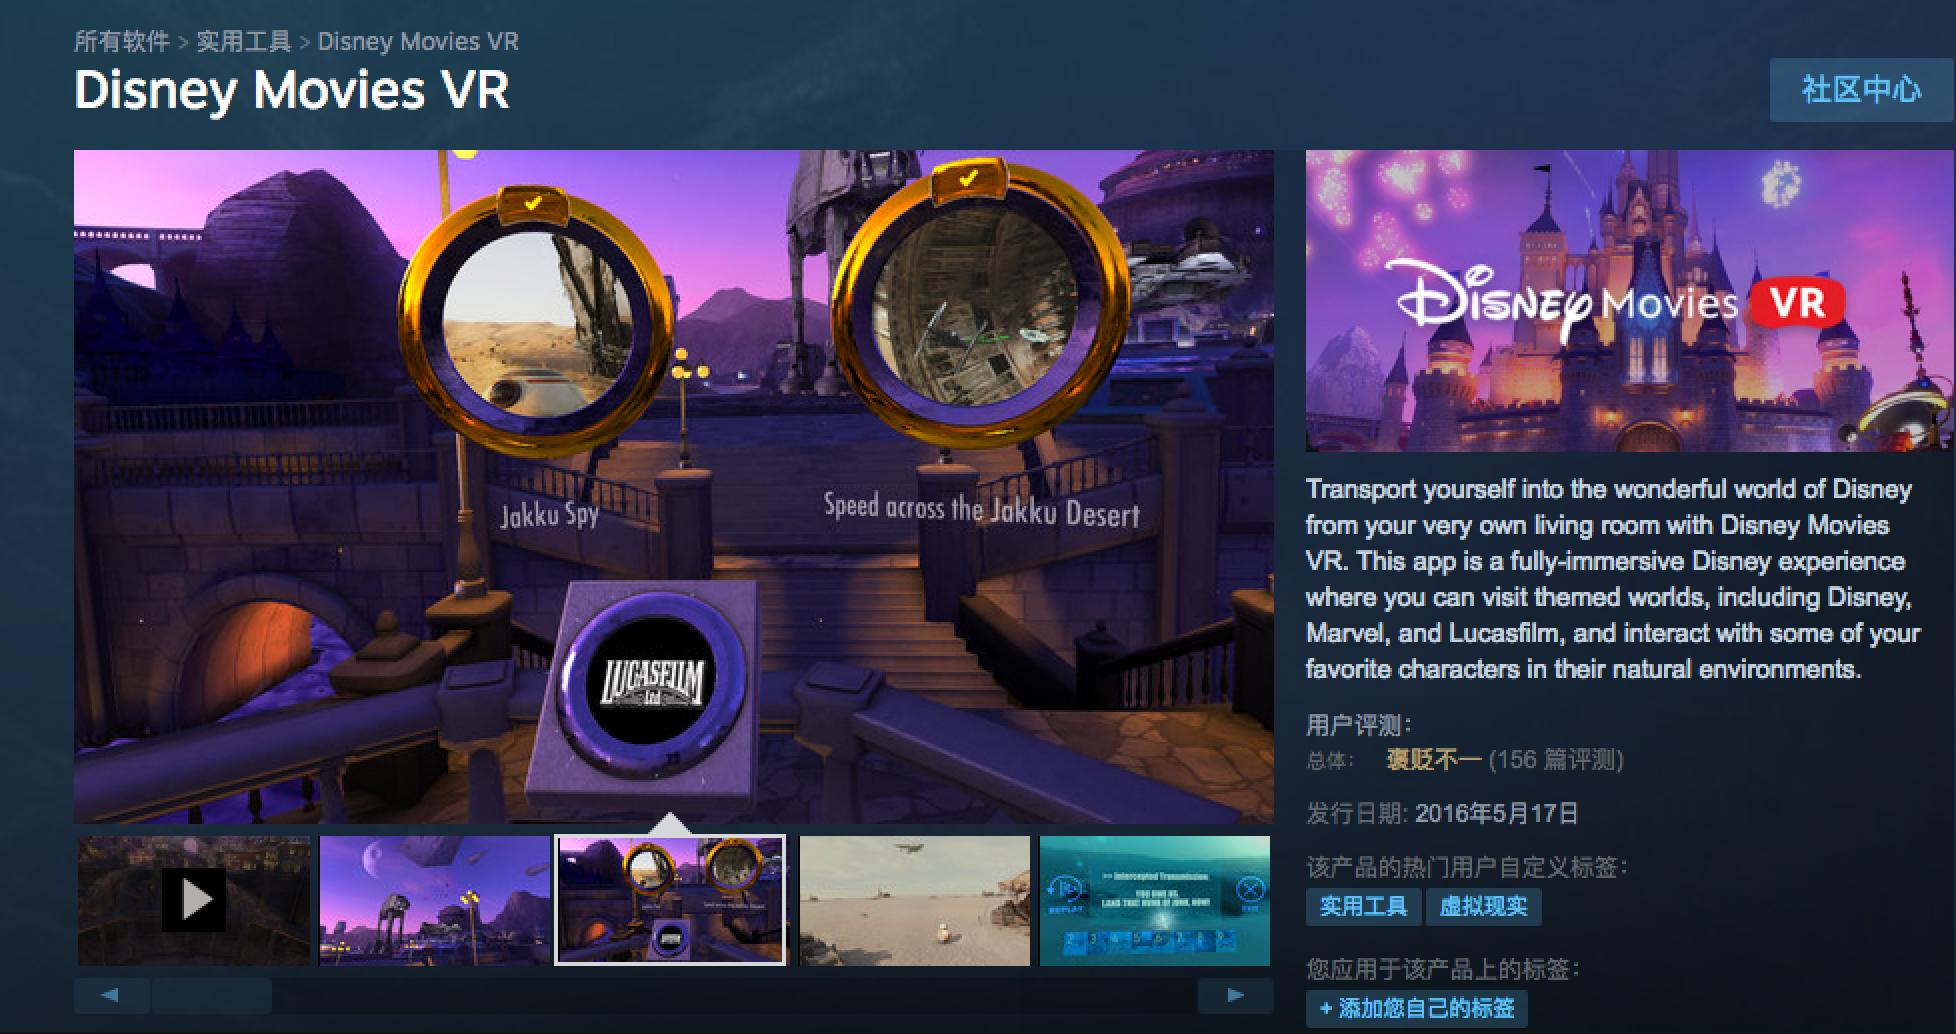 进击的迪士尼:这家动画巨头为什么频频在VR/AR上露出了獠牙?